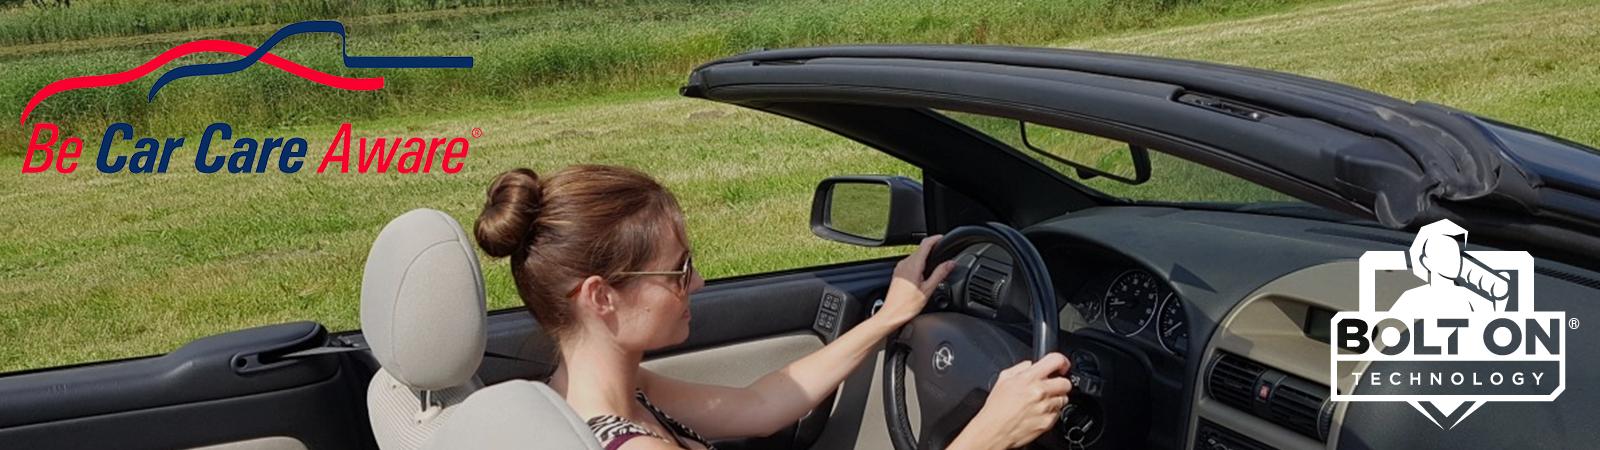 Car Care Month is no April Fools Joke: Part 2